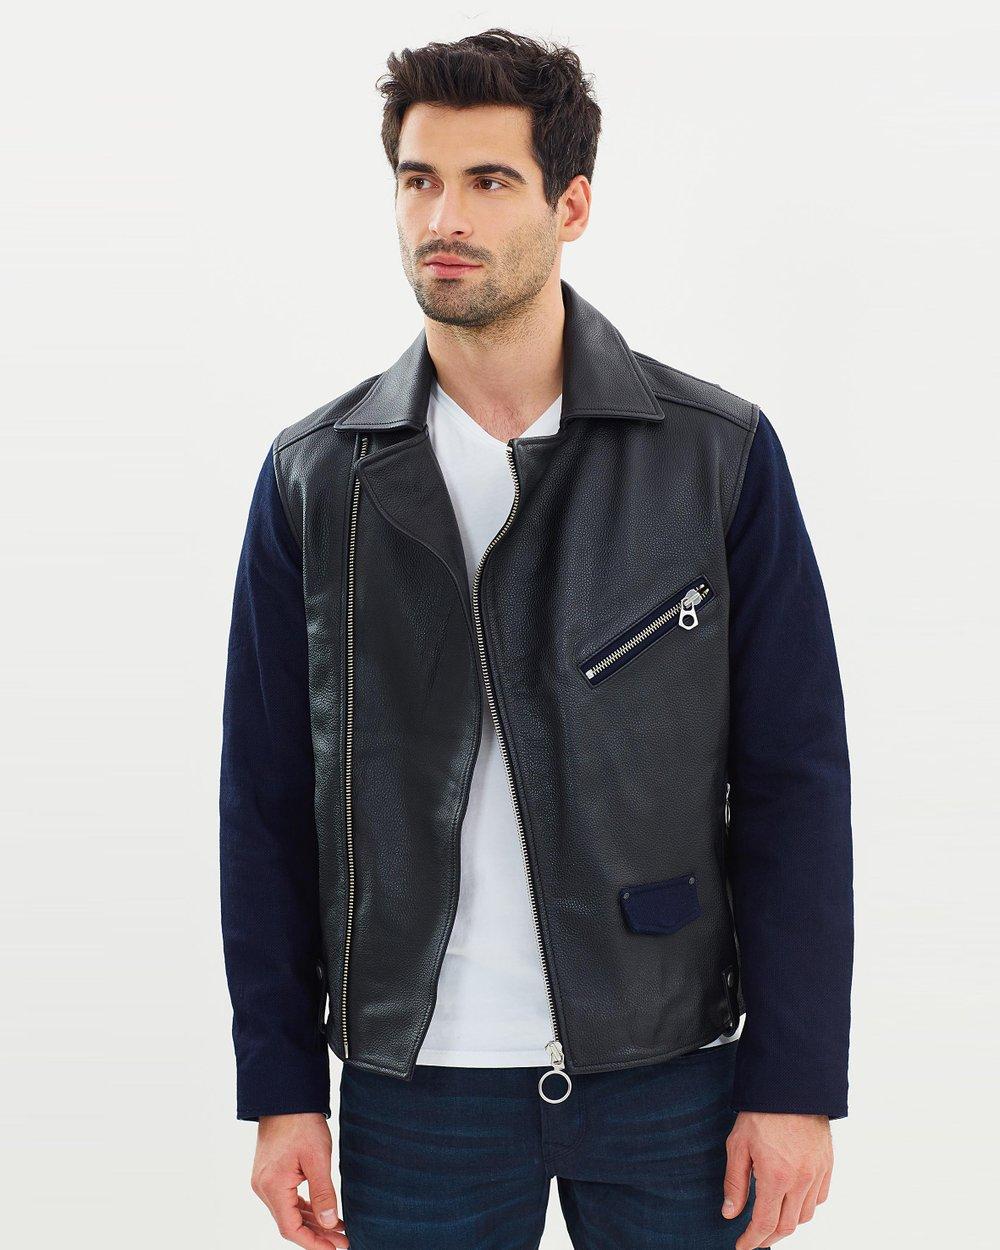 e0681852b Ams Blauw Leather Biker Jacket by Scotch   Soda Online